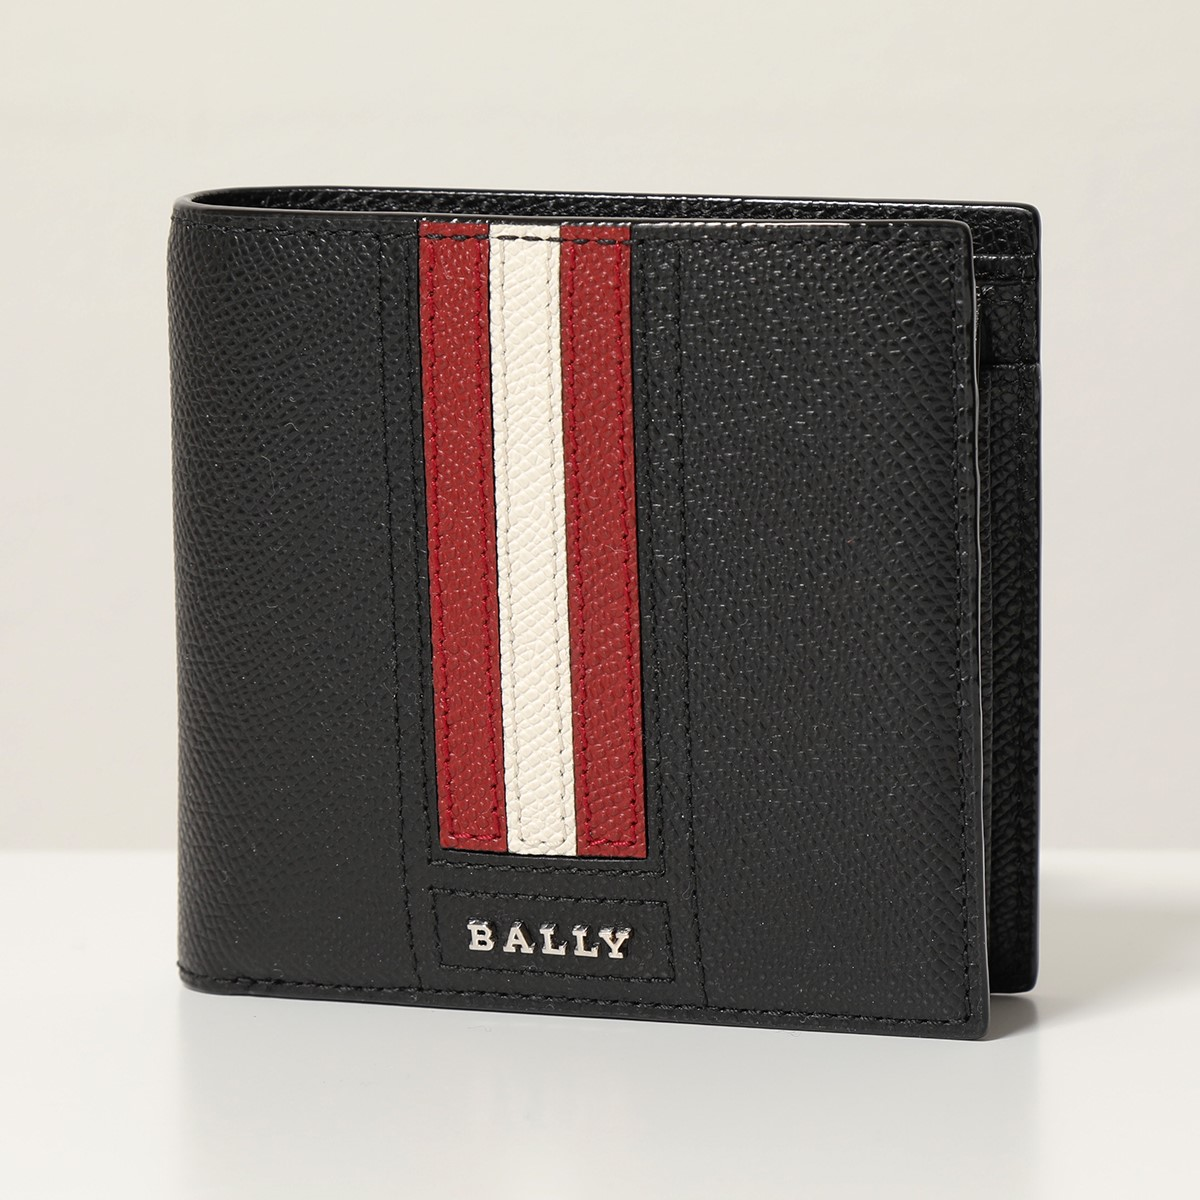 BALLY バリーTEISEL LT ボヴィンレザー コインウォレット 小銭入れ付き 二つ折財布 110/ブラックレッド メンズ